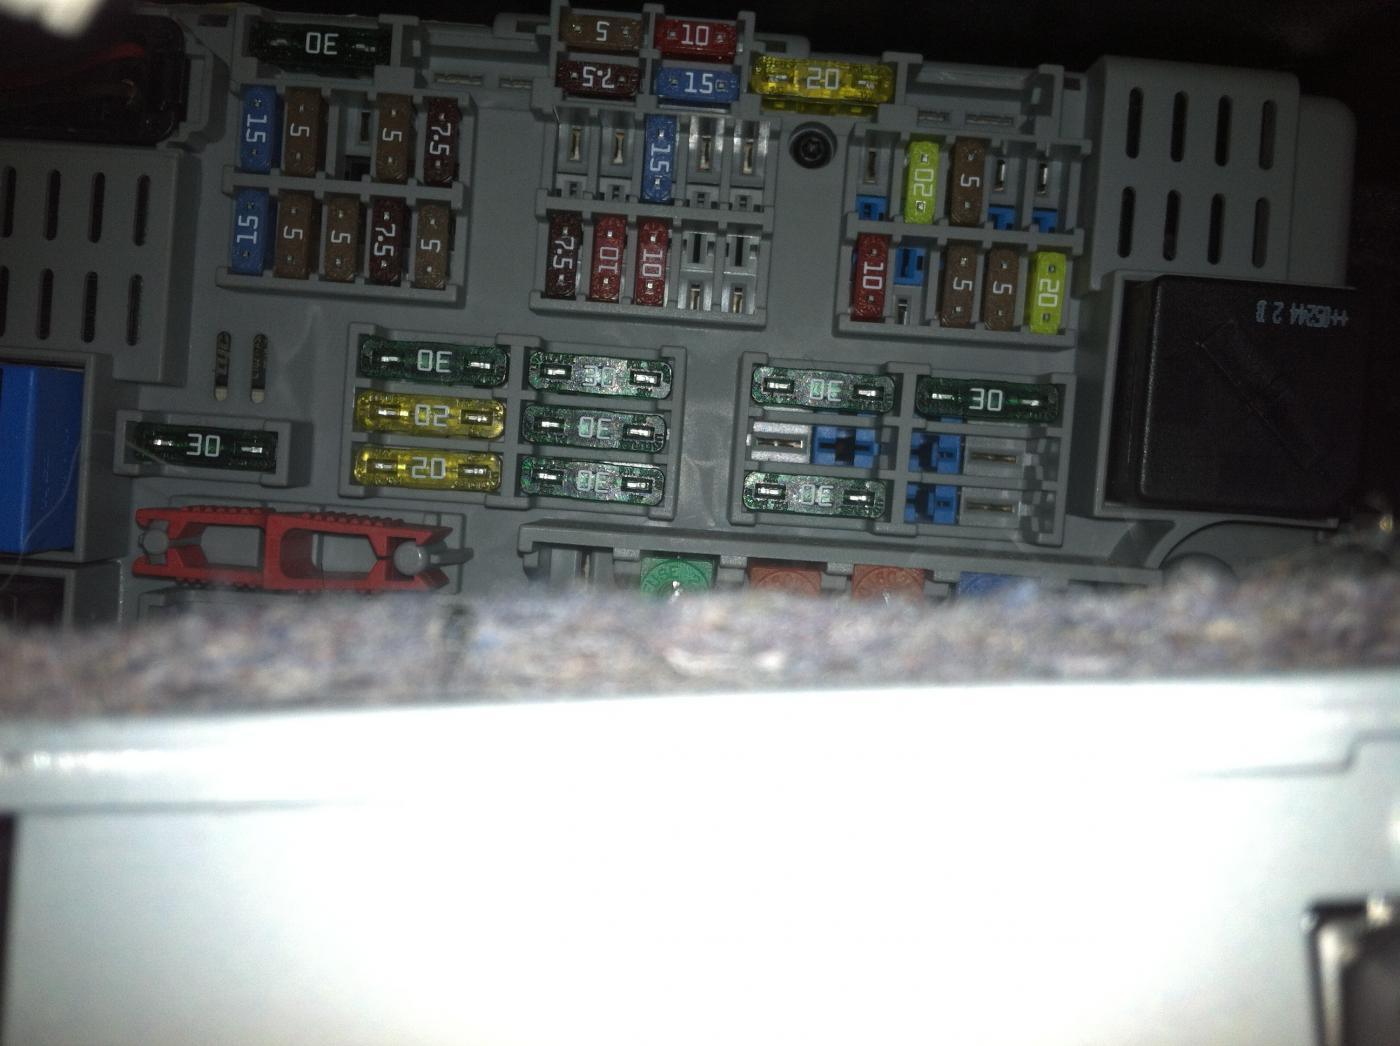 attachment Bmw I Fuse Box Diagram on pontiac firebird fuse box, acura mdx fuse box, cadillac deville fuse box, hummer h2 fuse box, ford freestar fuse box, saturn sky fuse box, acura cl fuse box, toyota truck fuse box, buick lacrosse fuse box, audi r8 fuse box, infiniti g35 fuse box, porsche boxster fuse box, nissan frontier fuse box, pontiac grand am fuse box, honda odyssey fuse box, toyota supra fuse box, peterbilt fuse box, audi a3 fuse box, cadillac escalade fuse box, volkswagen eos fuse box,